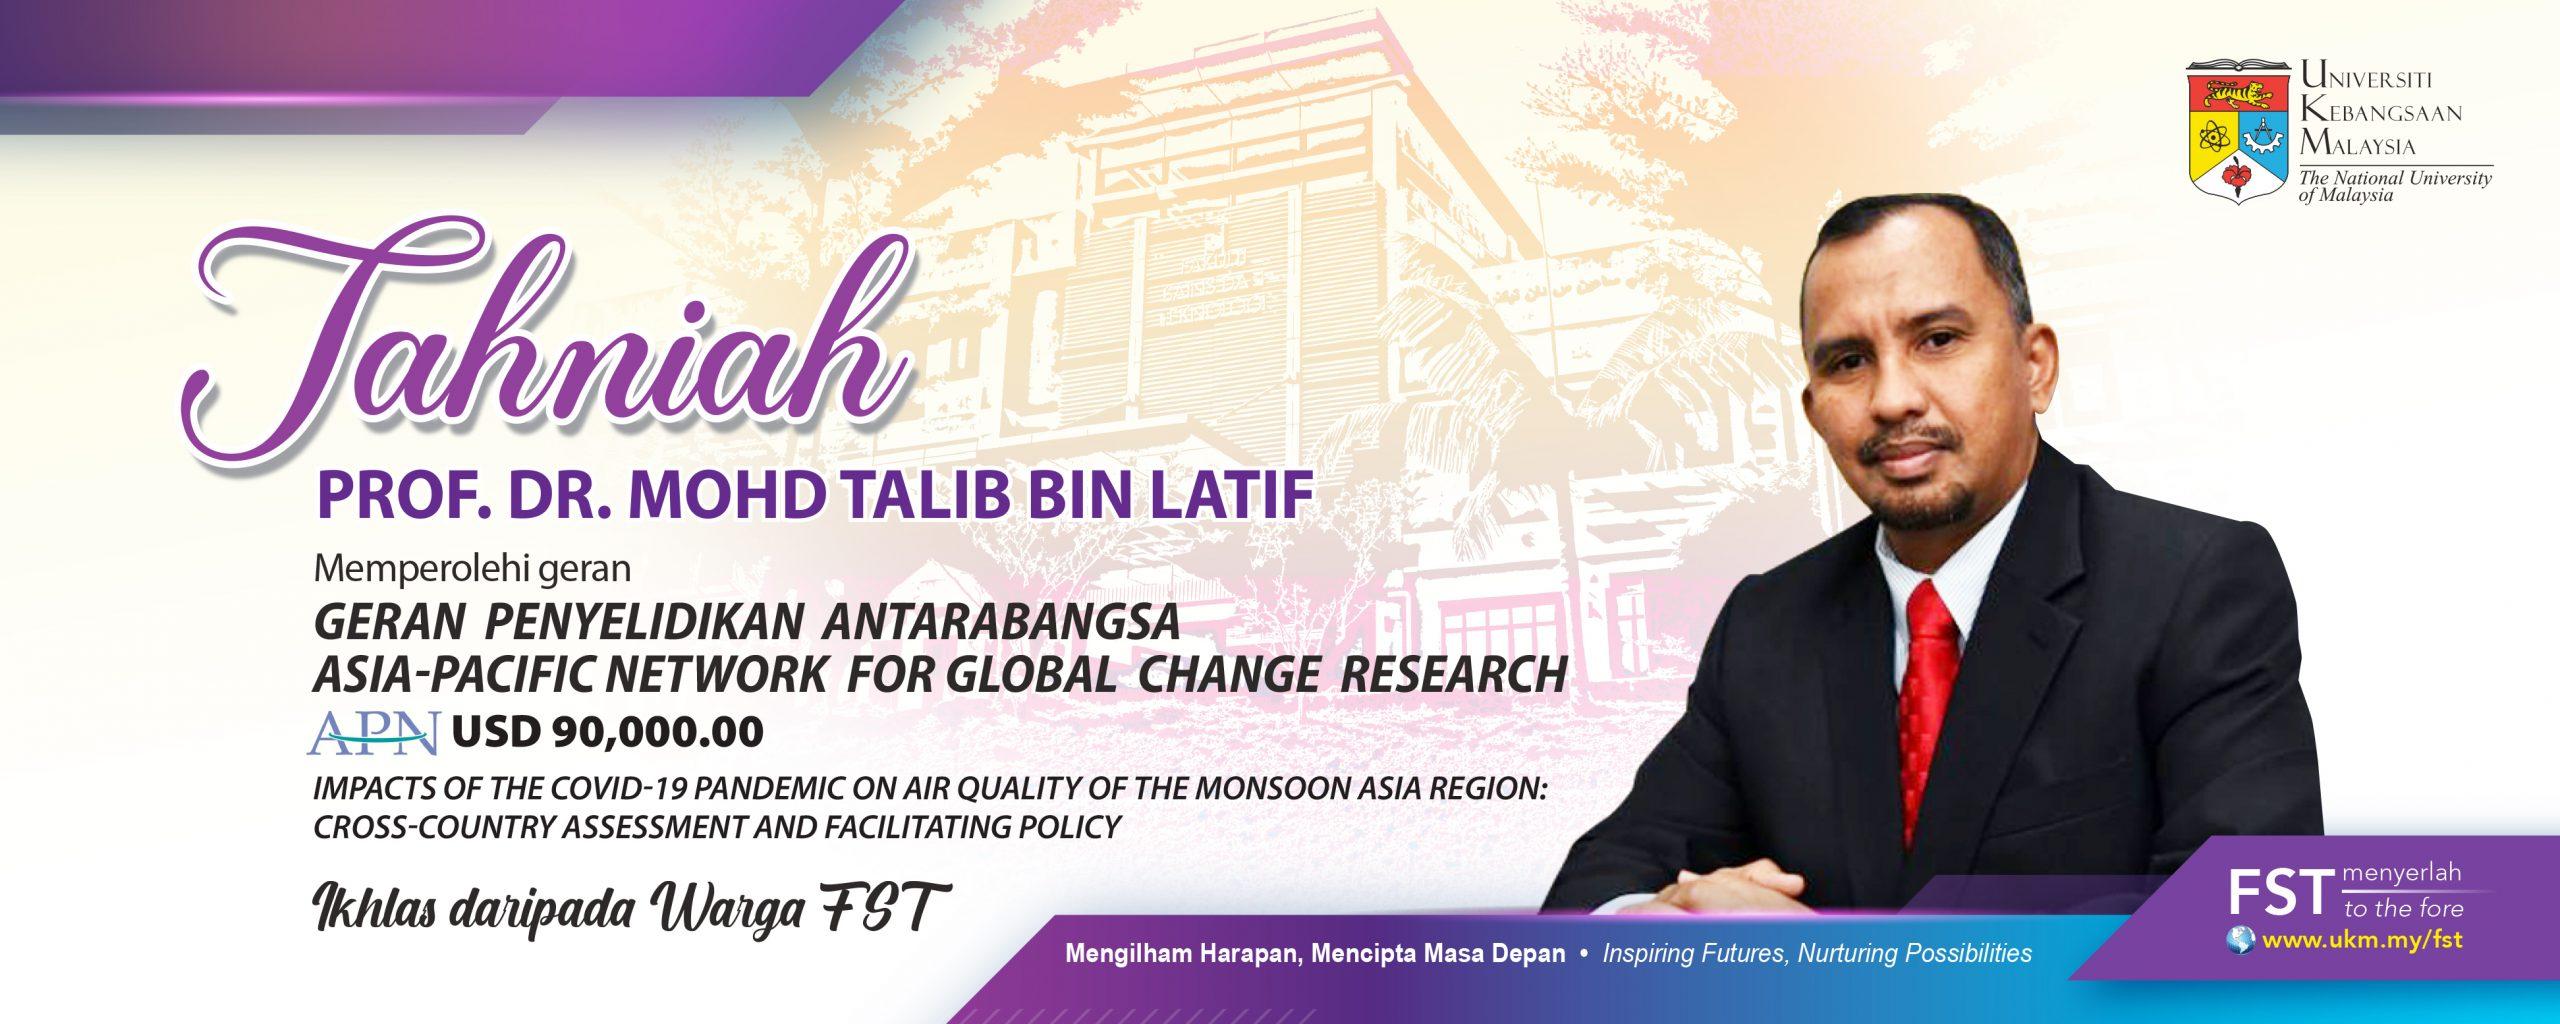 Tahniah Prof. Dr. Talib